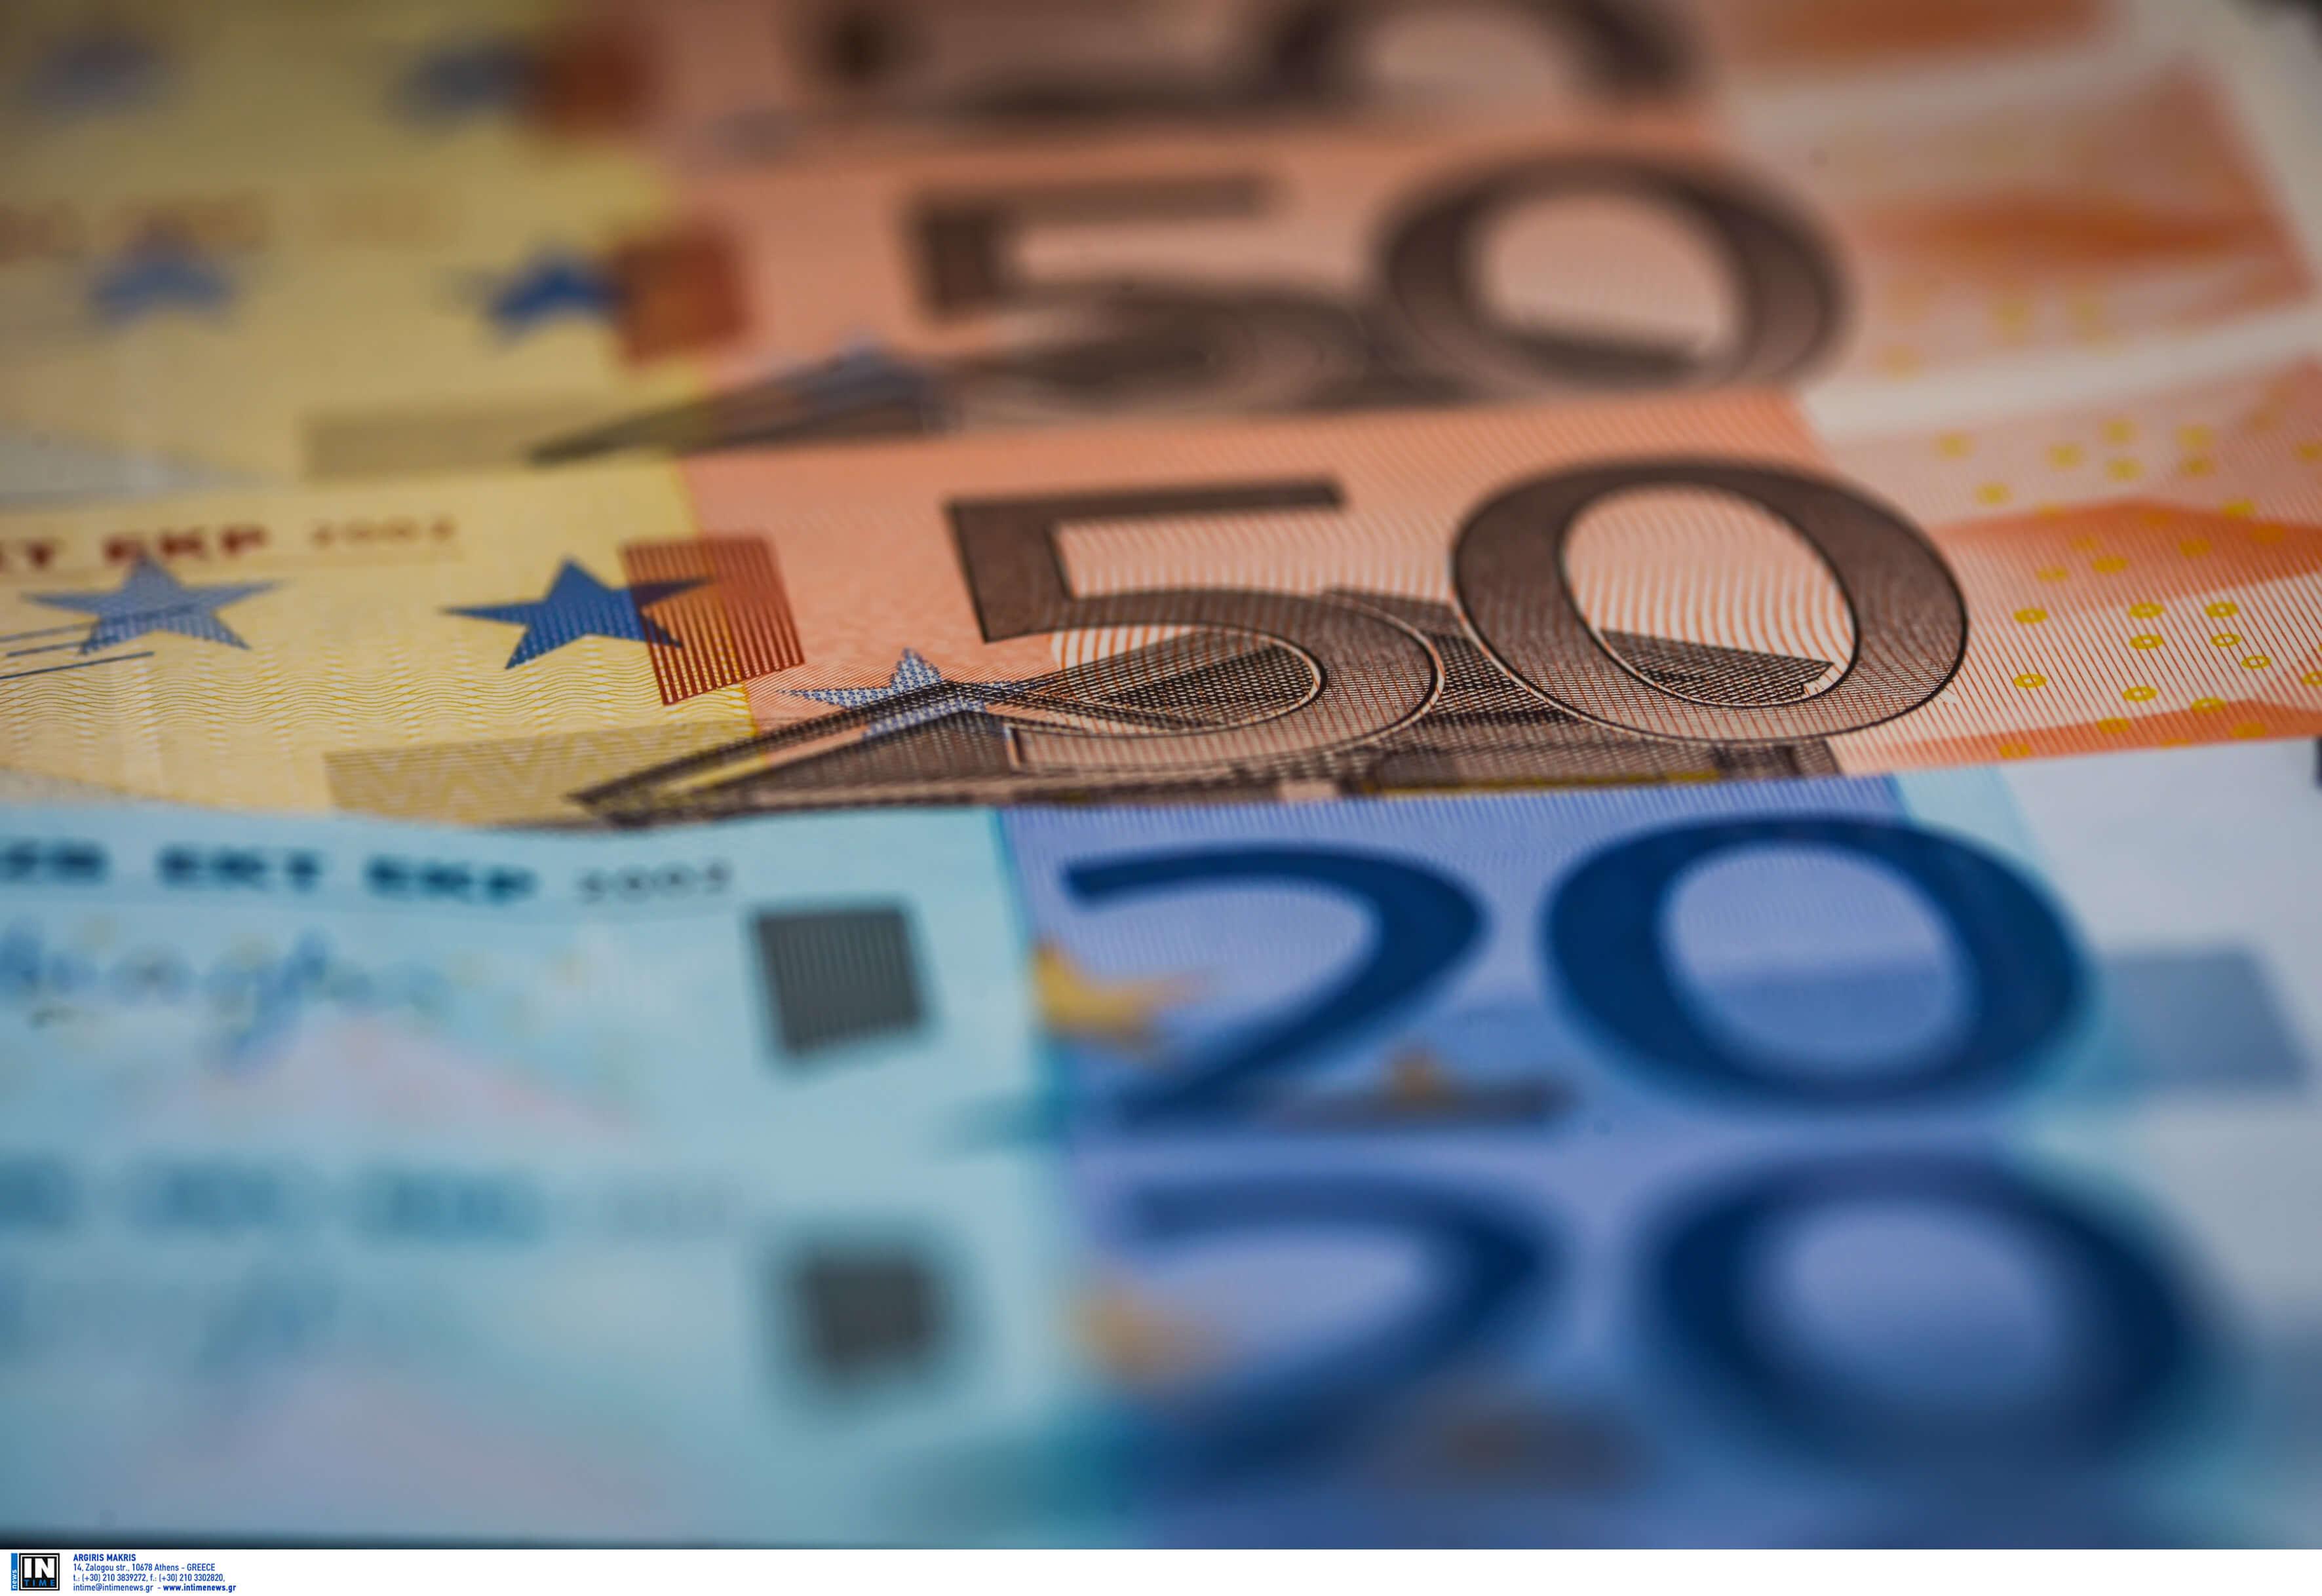 Στα 47,3 εκατ. ευρώ οι ληξιπρόθεσμες πληρωμές του Δημοσίου προς τους ιδιώτες τον Μάρτιο